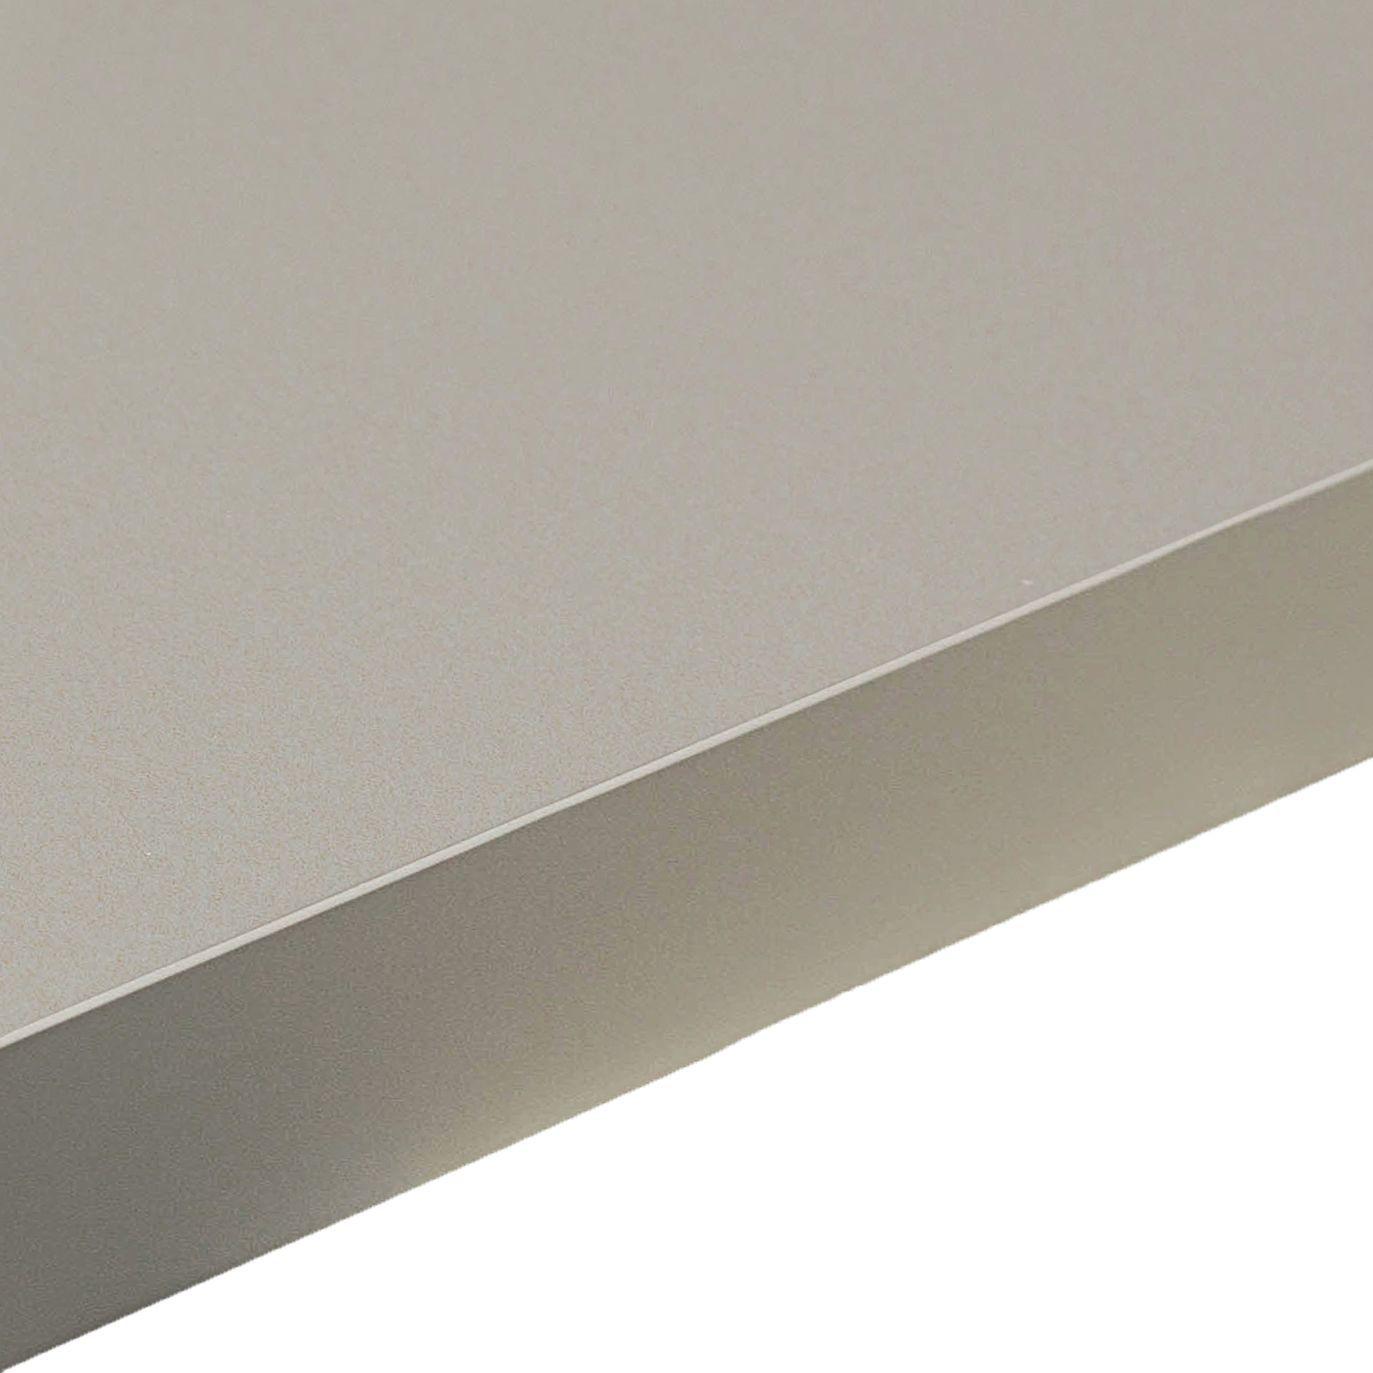 38mm edurus laminate titan grey matt square edge worktop for Zinc laminate